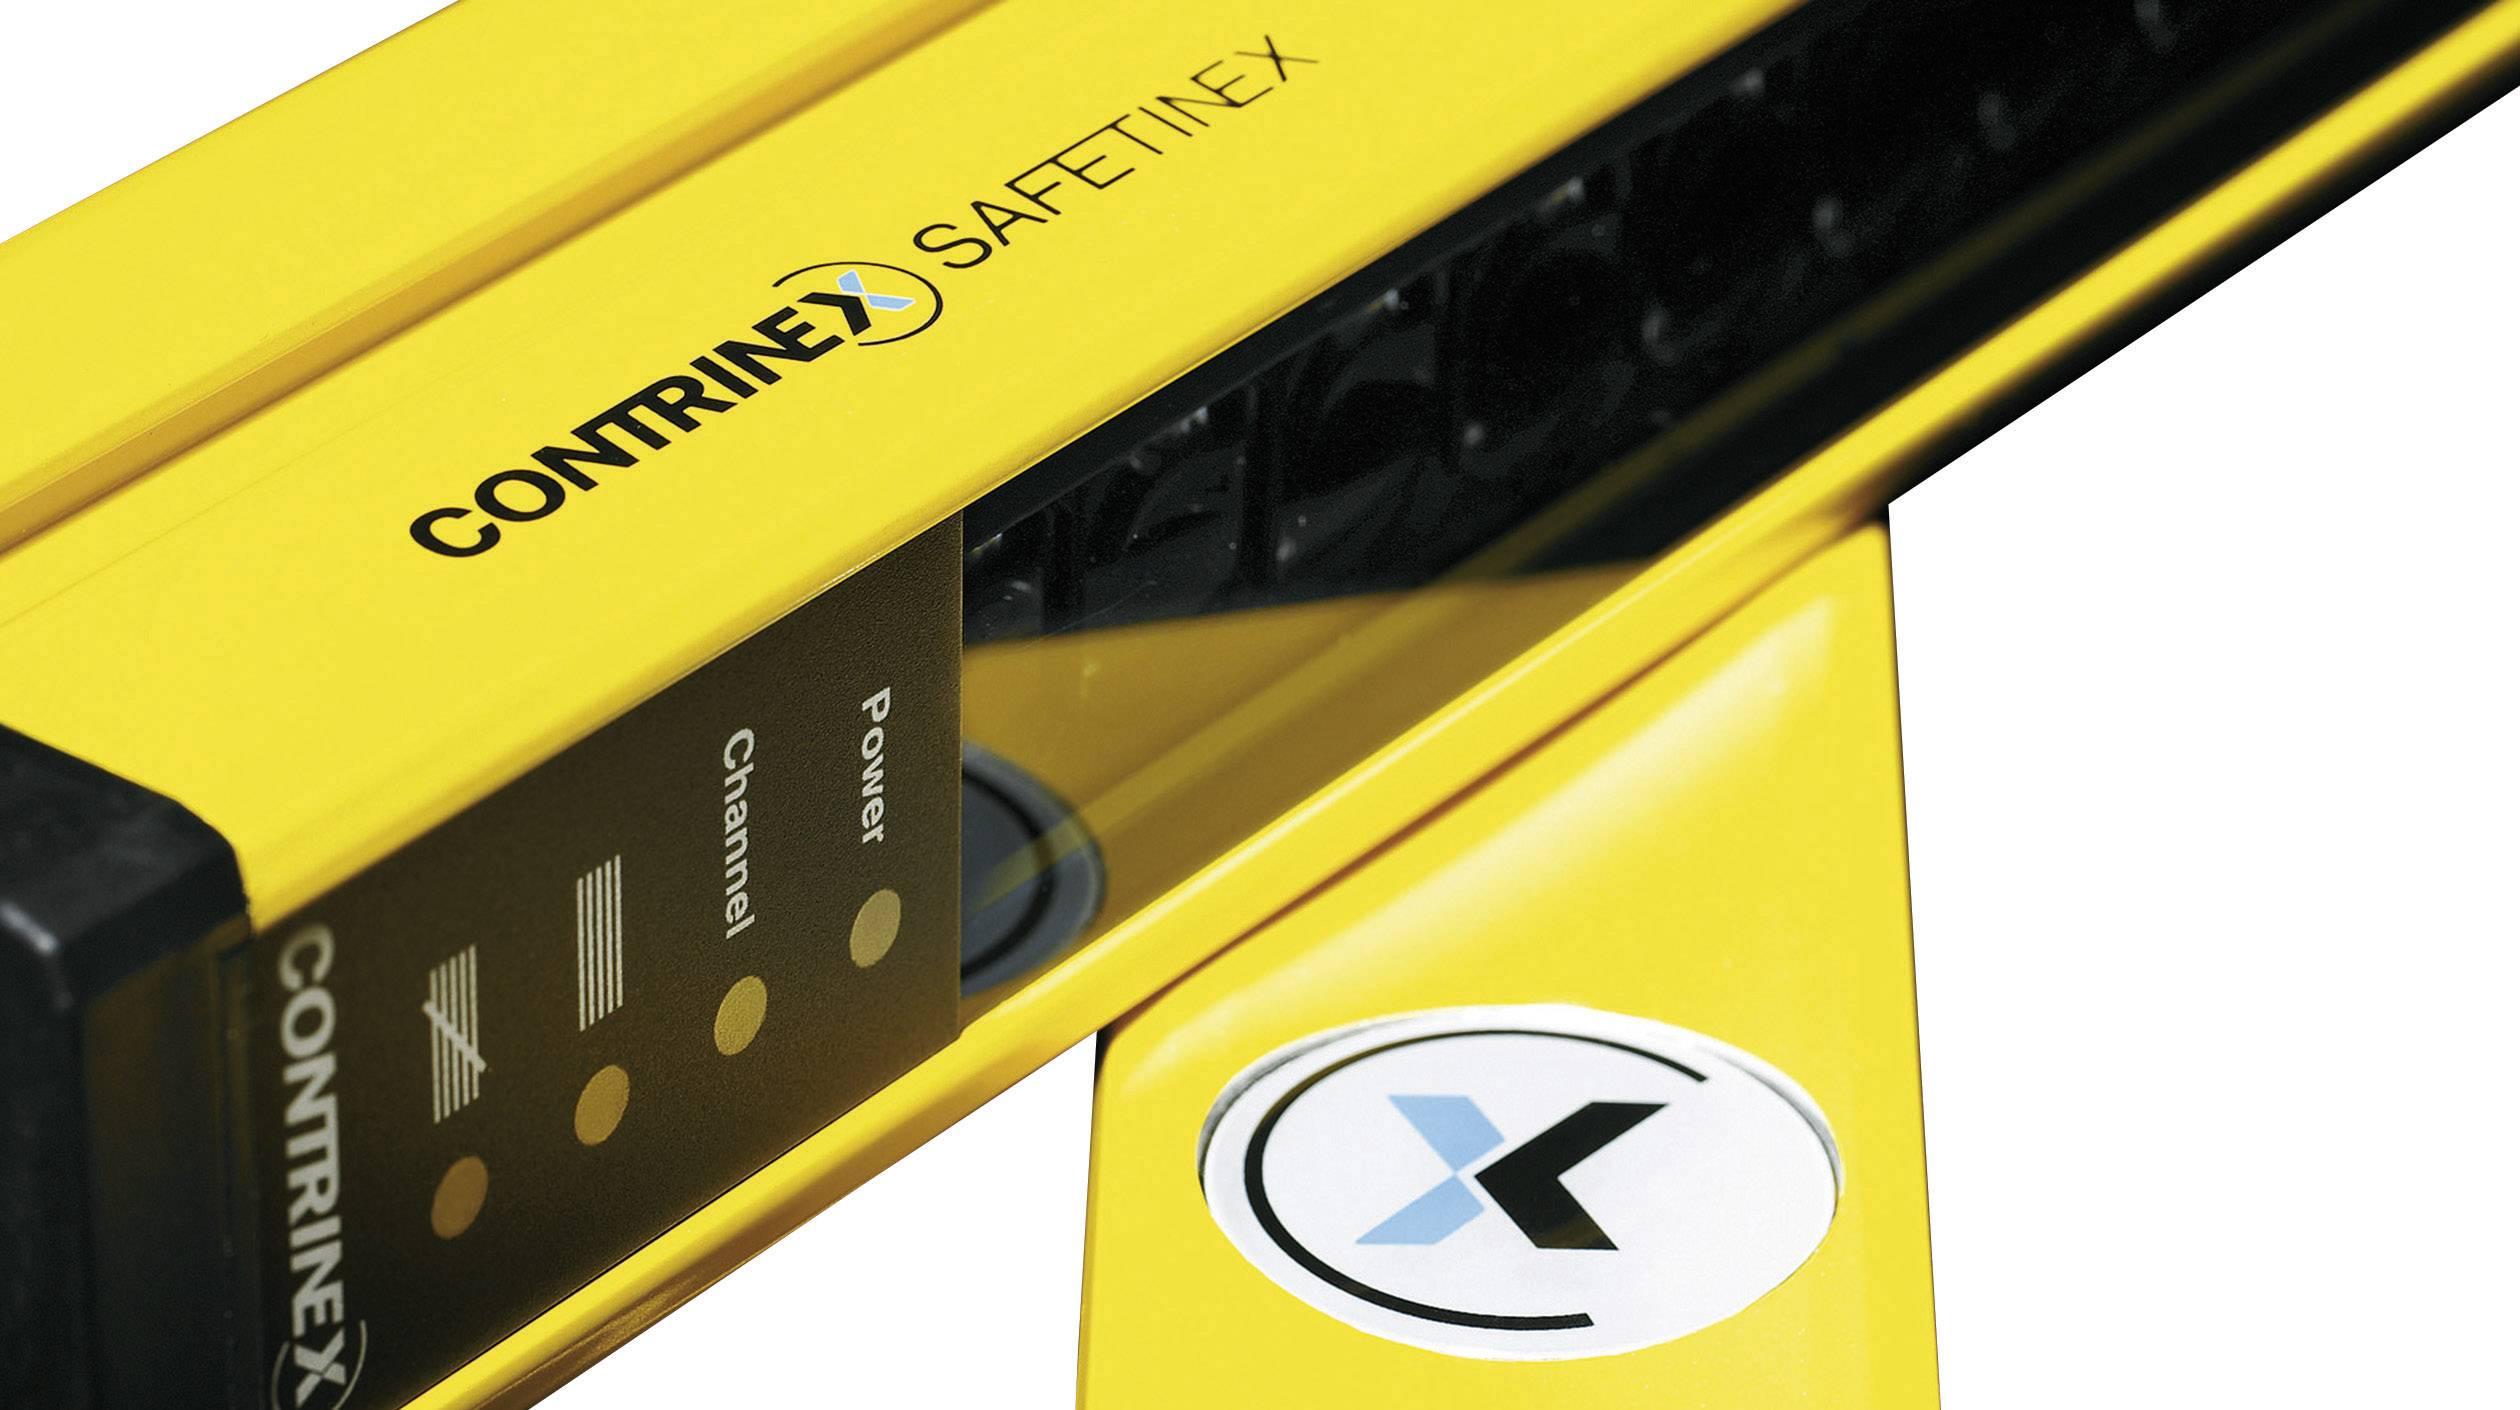 Bezpečnostní světelná závora pro ochranu prstů Contrinex YBB-14R4-1000-G012 630 000 181